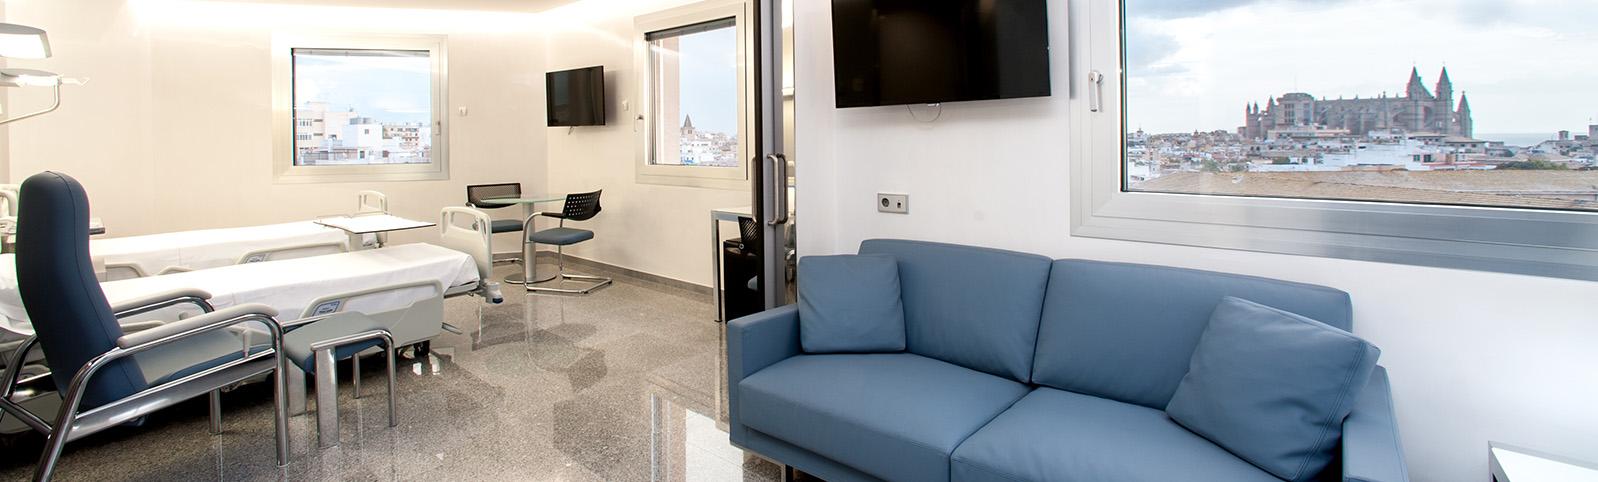 Hospitalización-Clínica-Rotger-Hospital-Mallorca